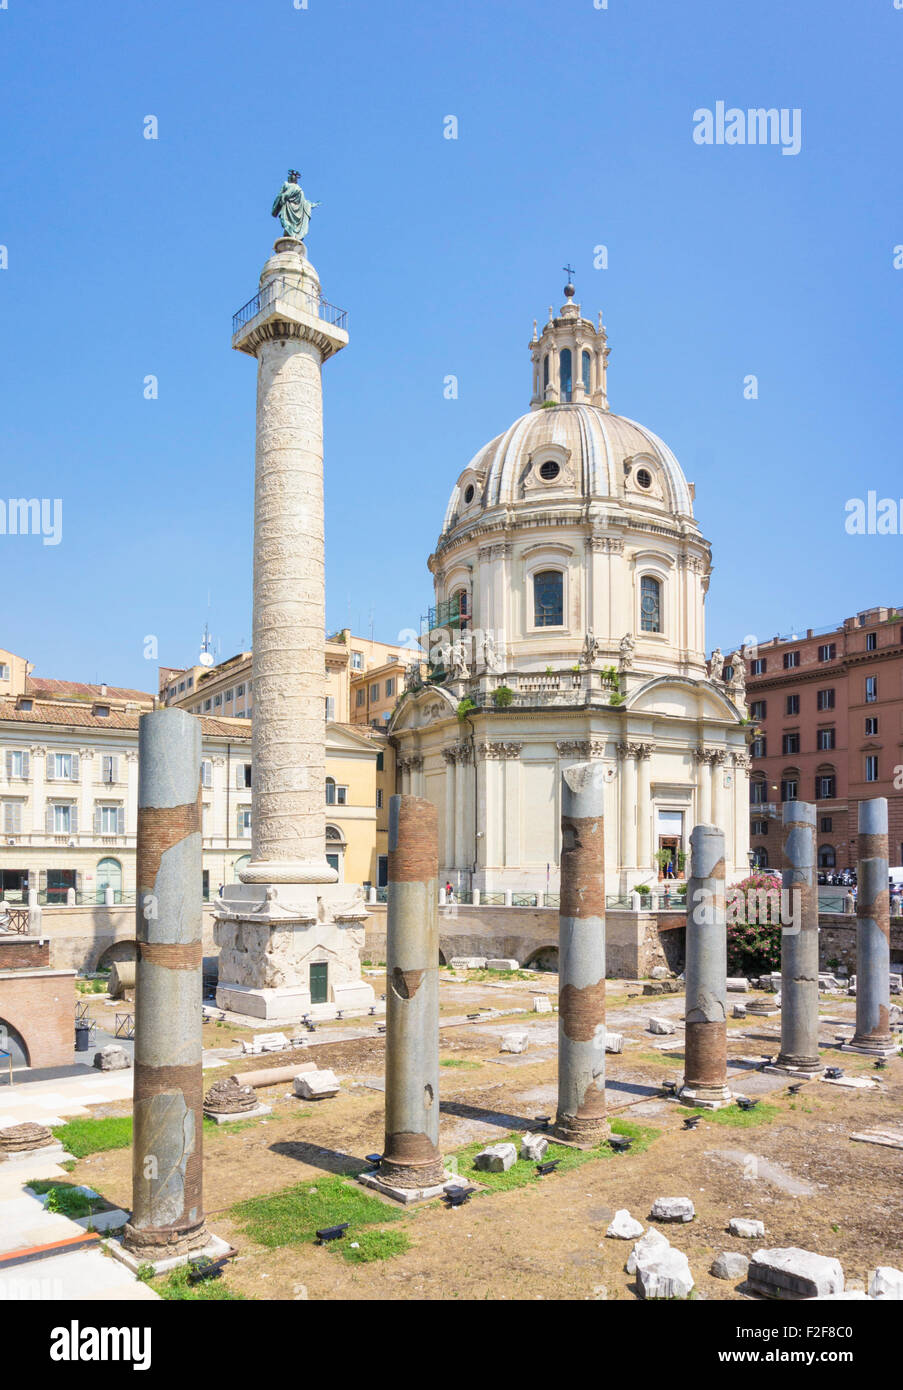 Trajan's column in the  forum are ruins on the Via dei Fori Imperiali in the city of Rome Italy Roma lazio EU - Stock Image